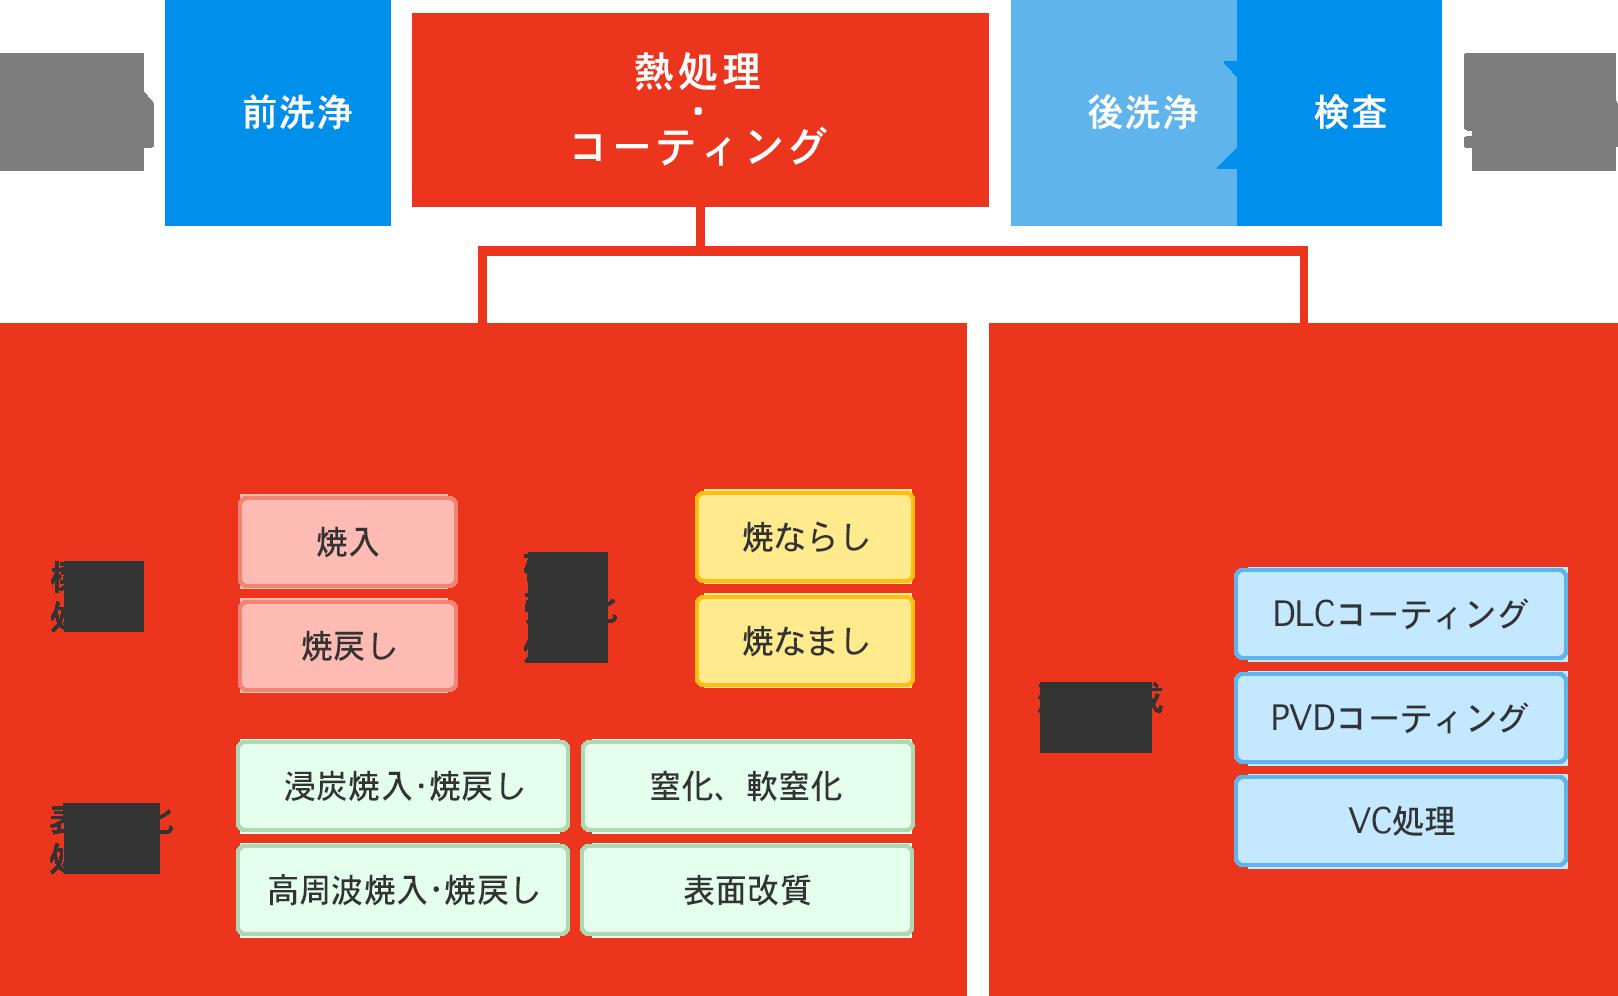 仕事を知る | 採用情報2022 | 株式会社東研サーモテック